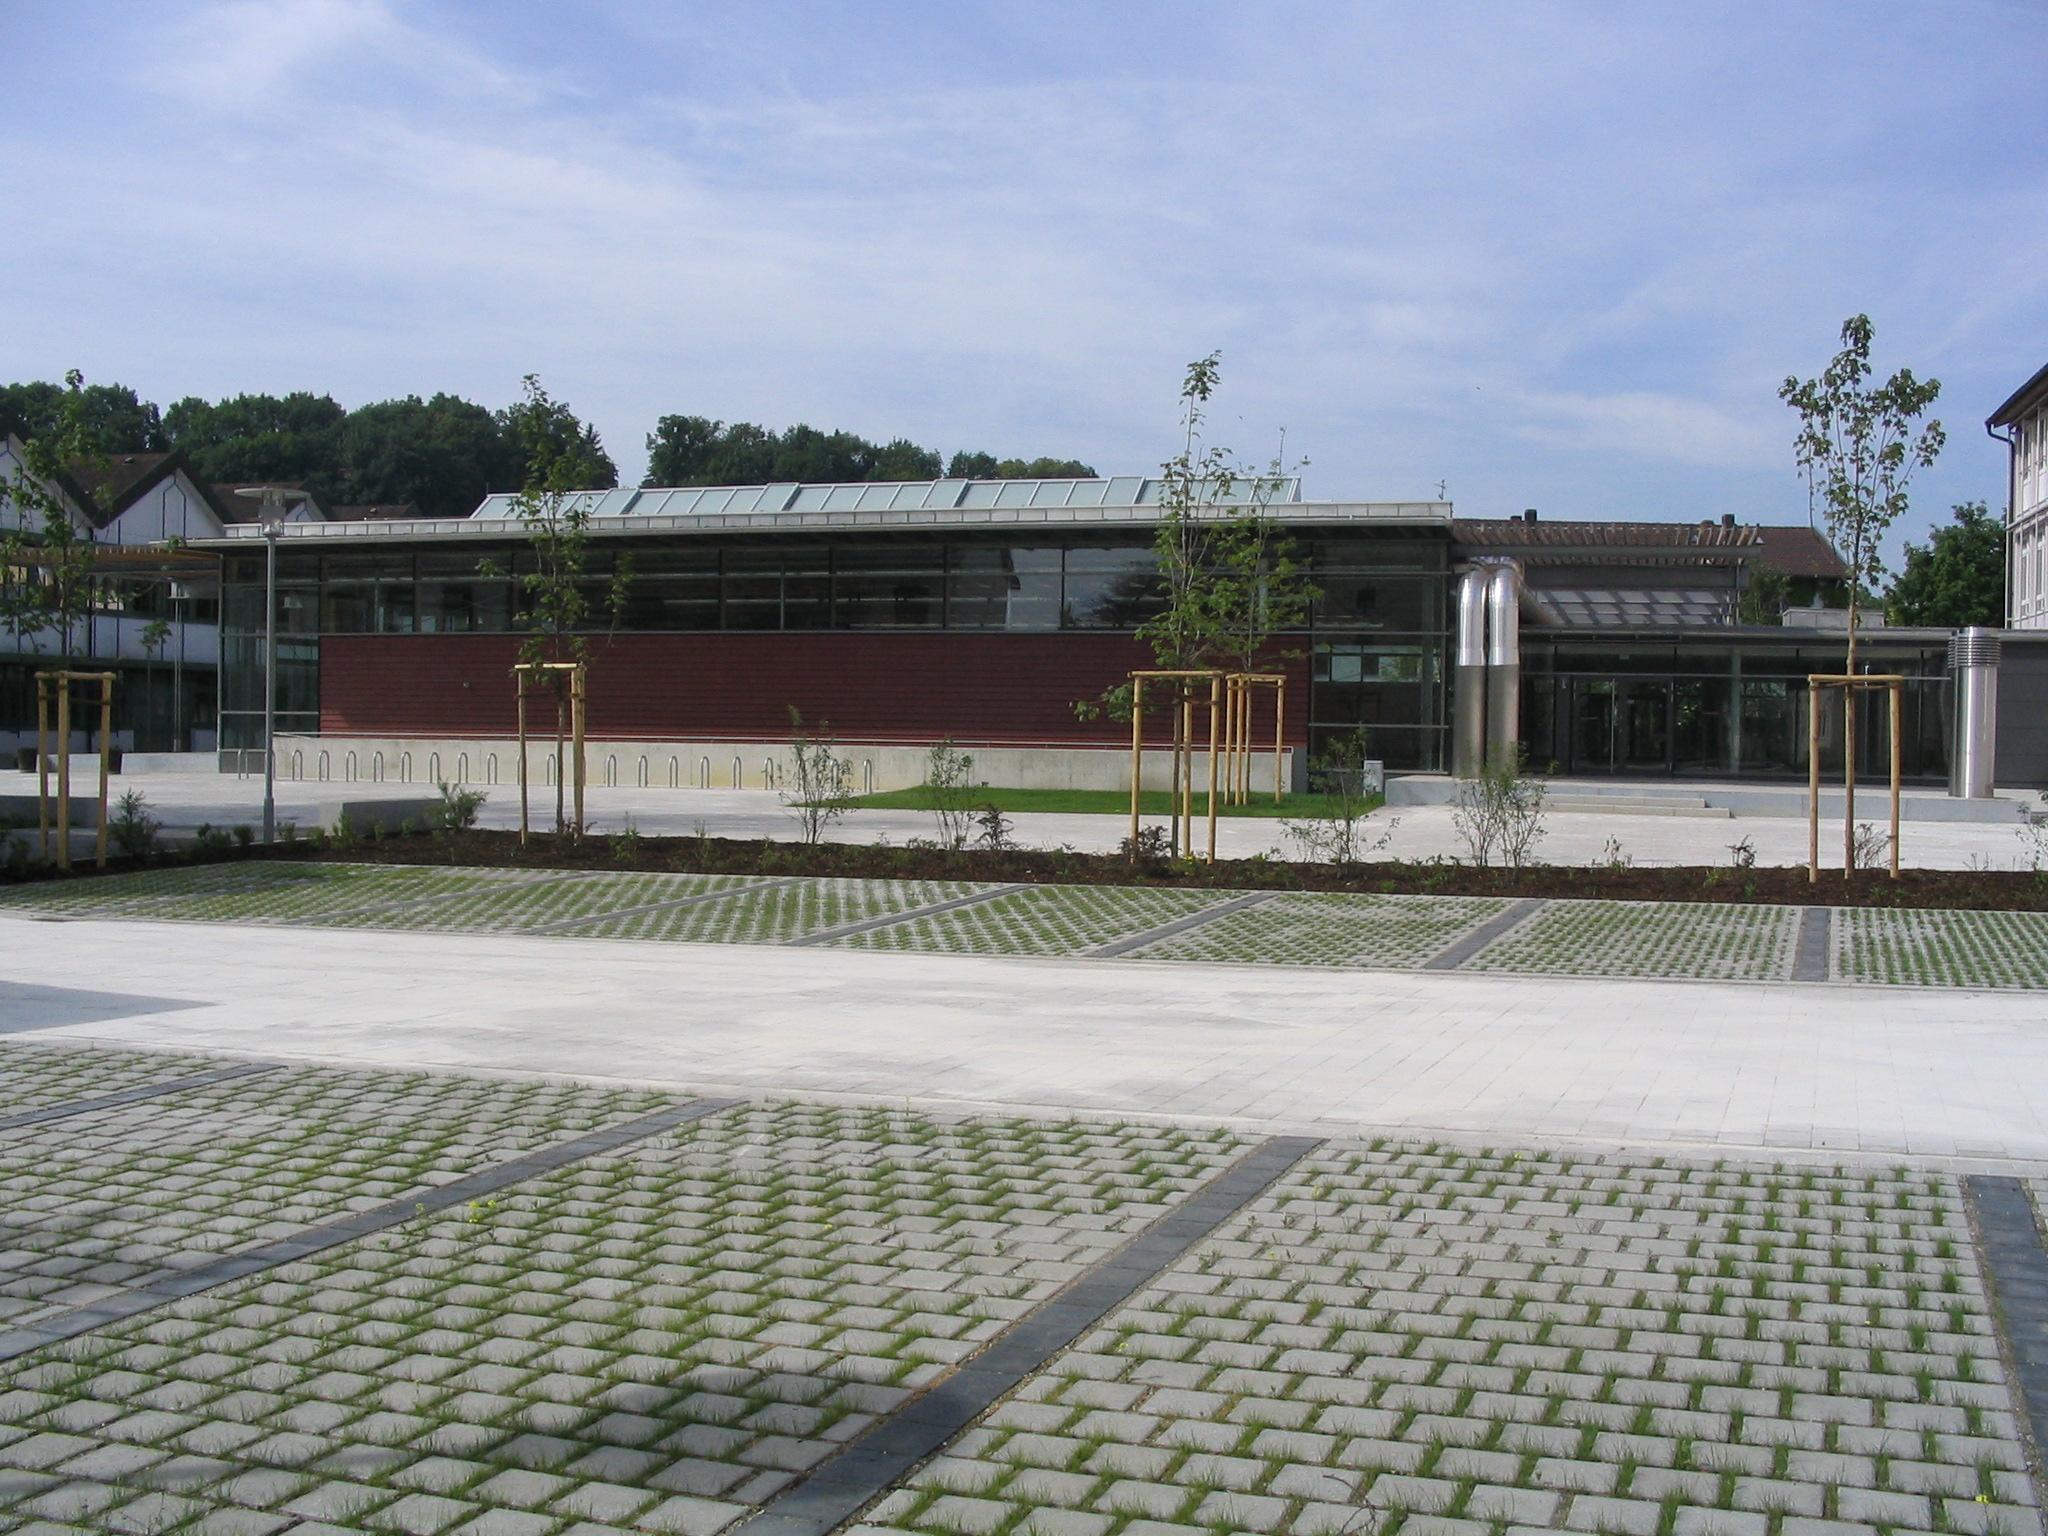 Neubau Dreifschturnhalle Herzog-Tassilo Realschule 2003